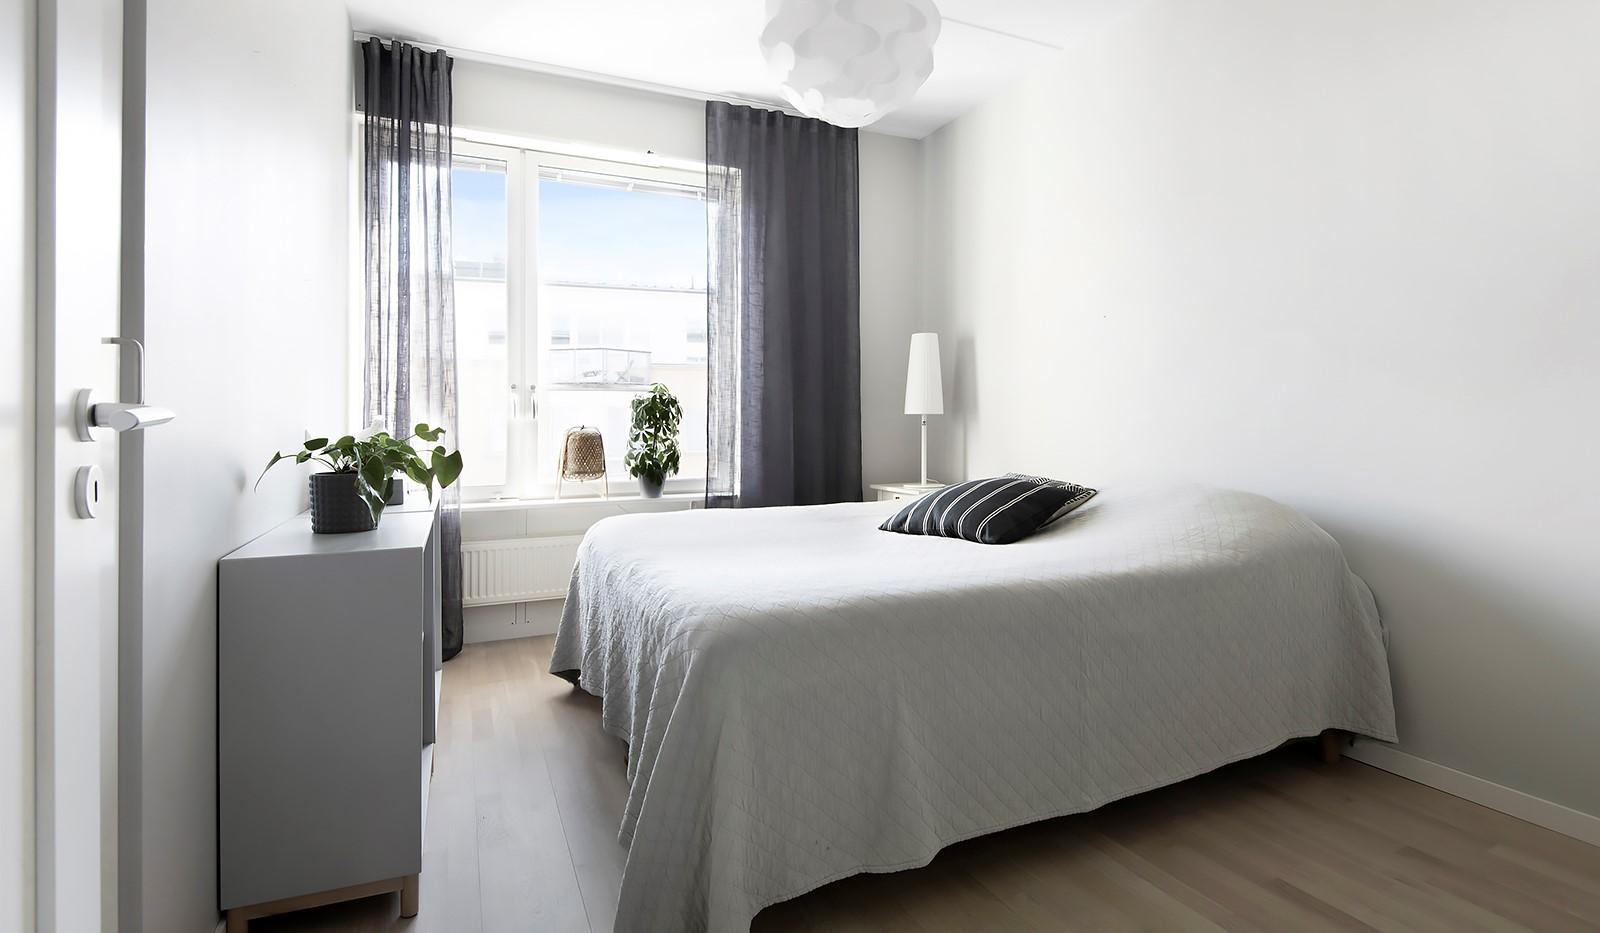 Babordsgatan 5, vån 3 - Rofyllt sovrum med plats för dubbelsäng och förvaring